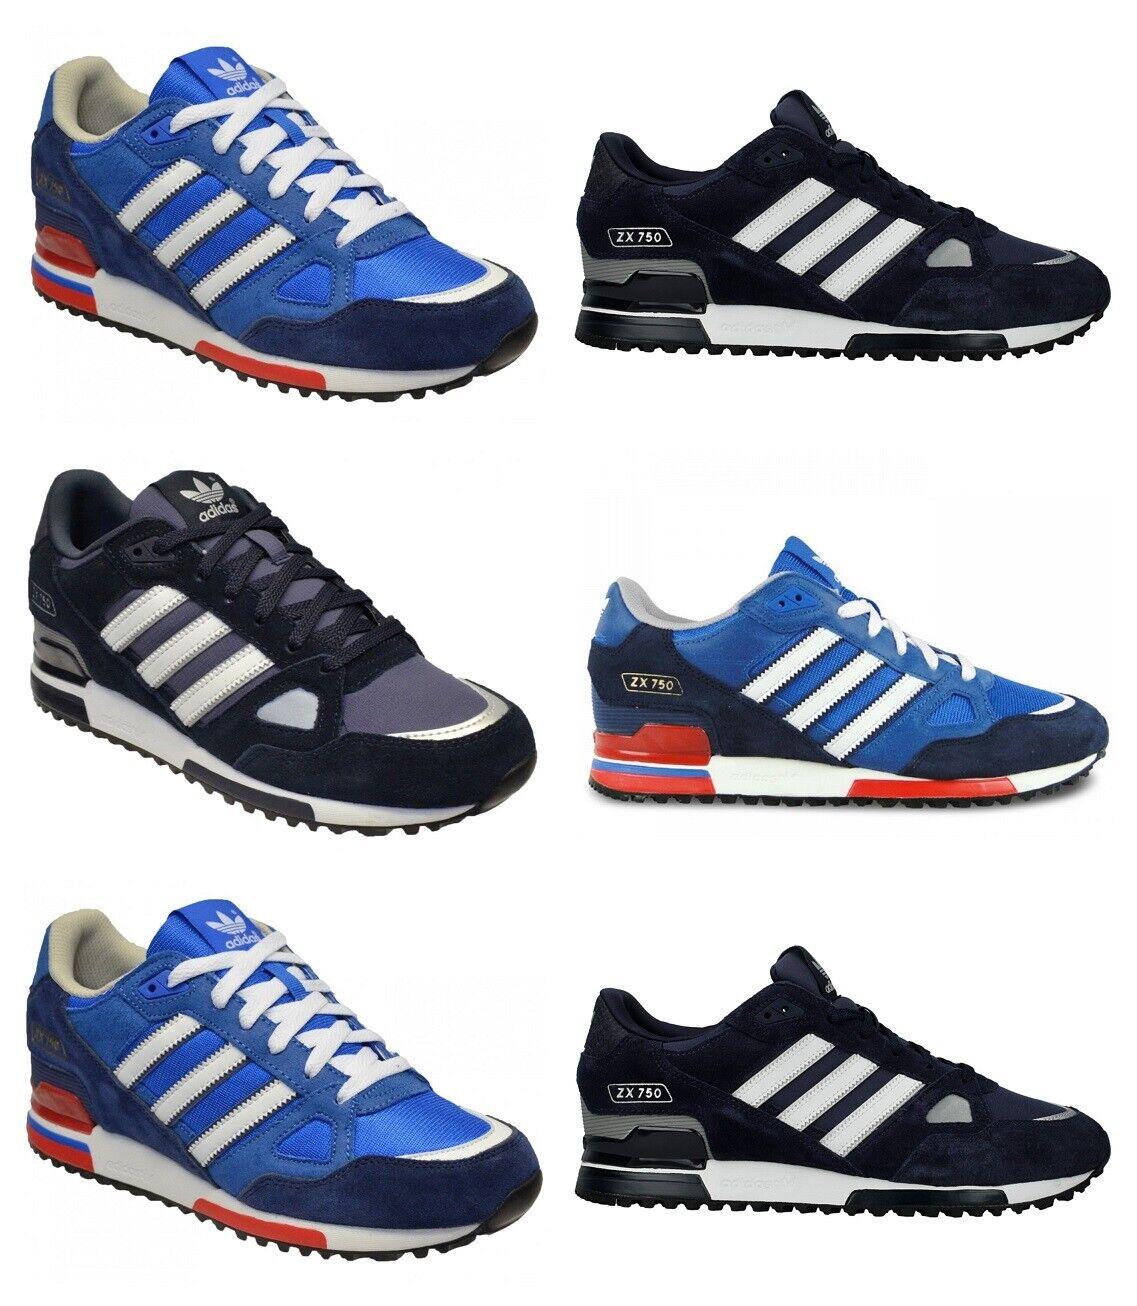 Adidas Originals ZX 750 Zapatillas para hombre de Ante Deportivos Zapatillas